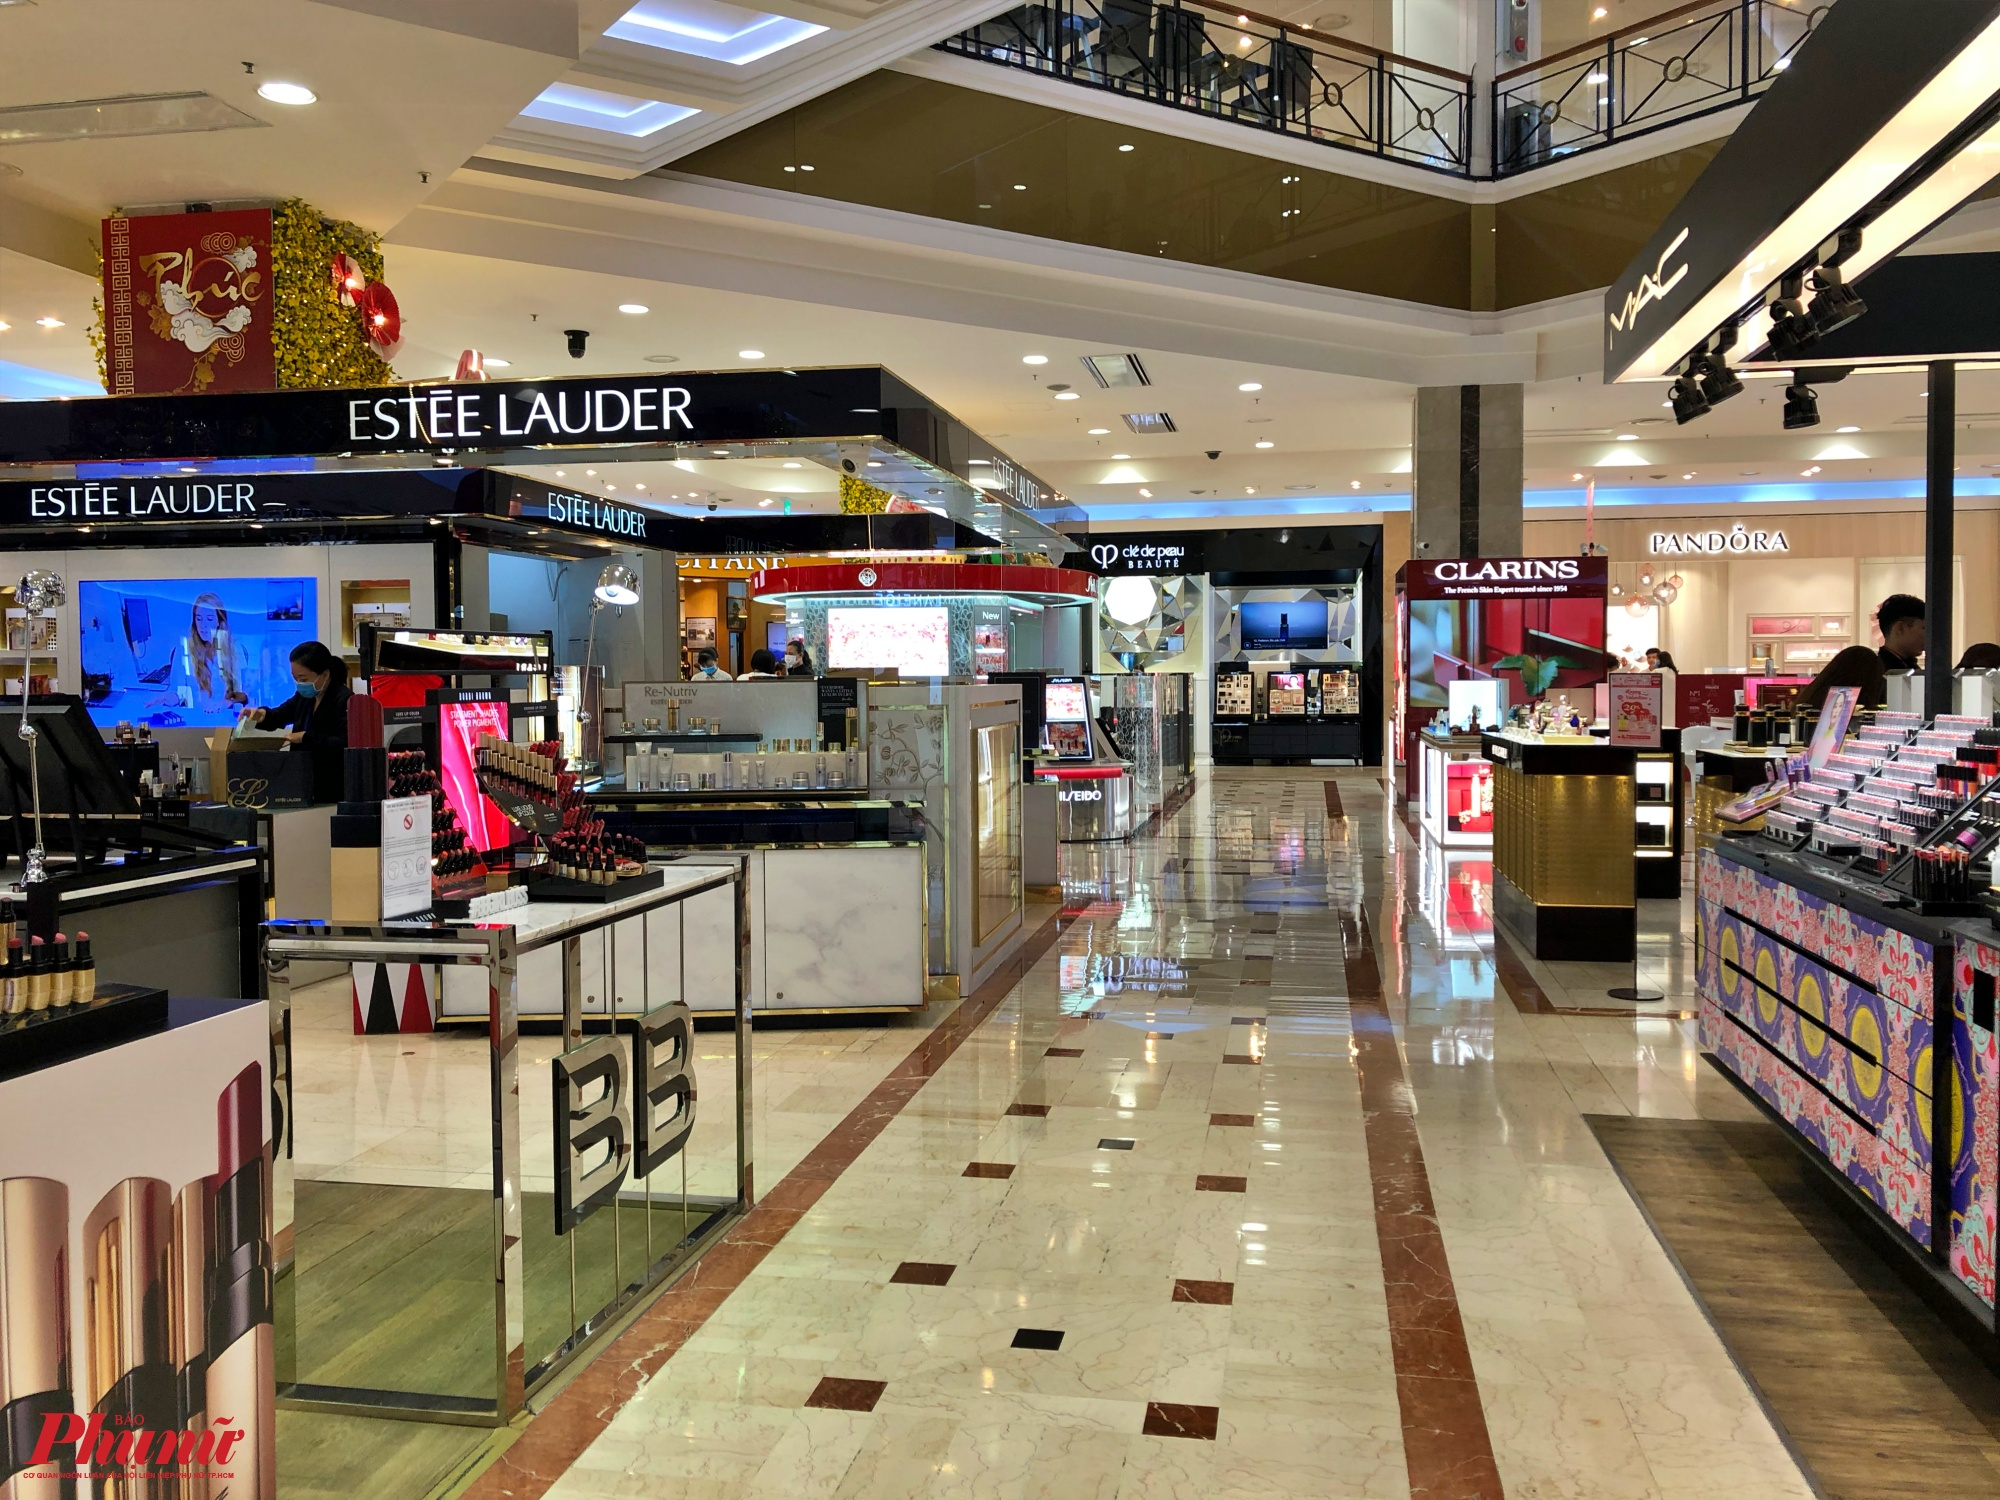 Một cửa hàng dù giảm giá nhưng khách hàng vẫn khá thưa trong trung tâm thương mại (Q.1)